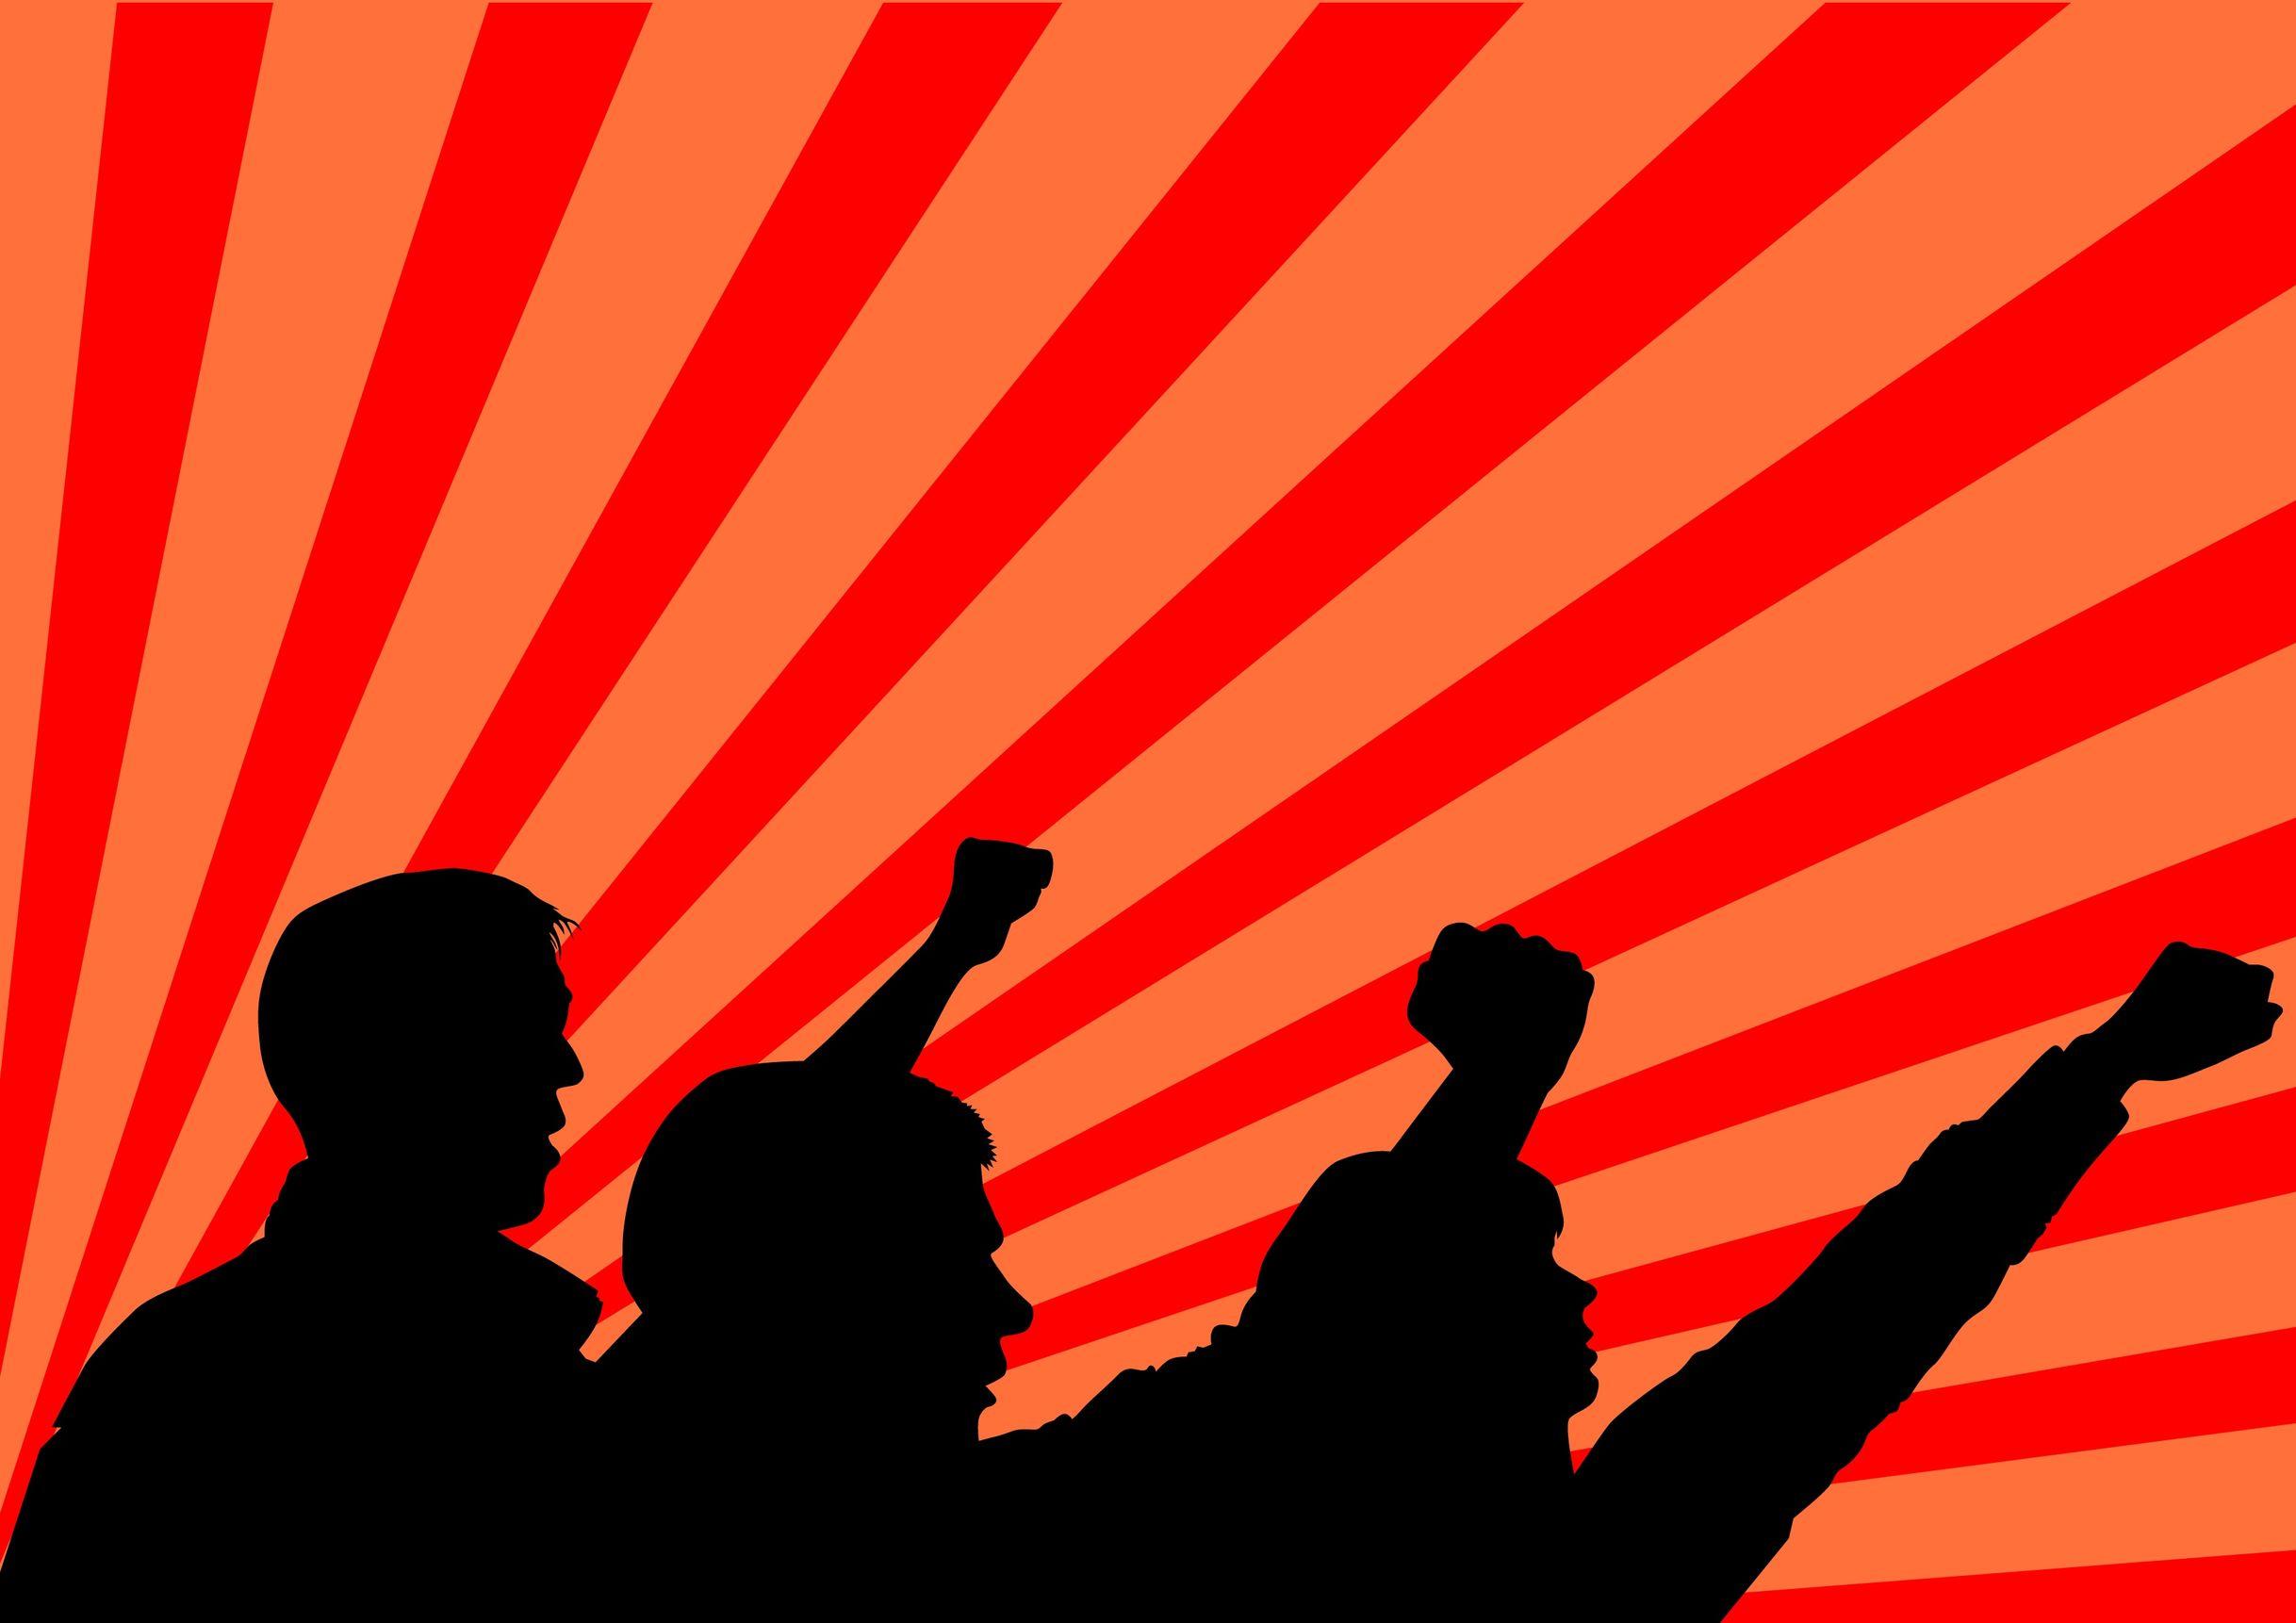 desenho de três pessoas protestando com os punhos fechados e levantados.